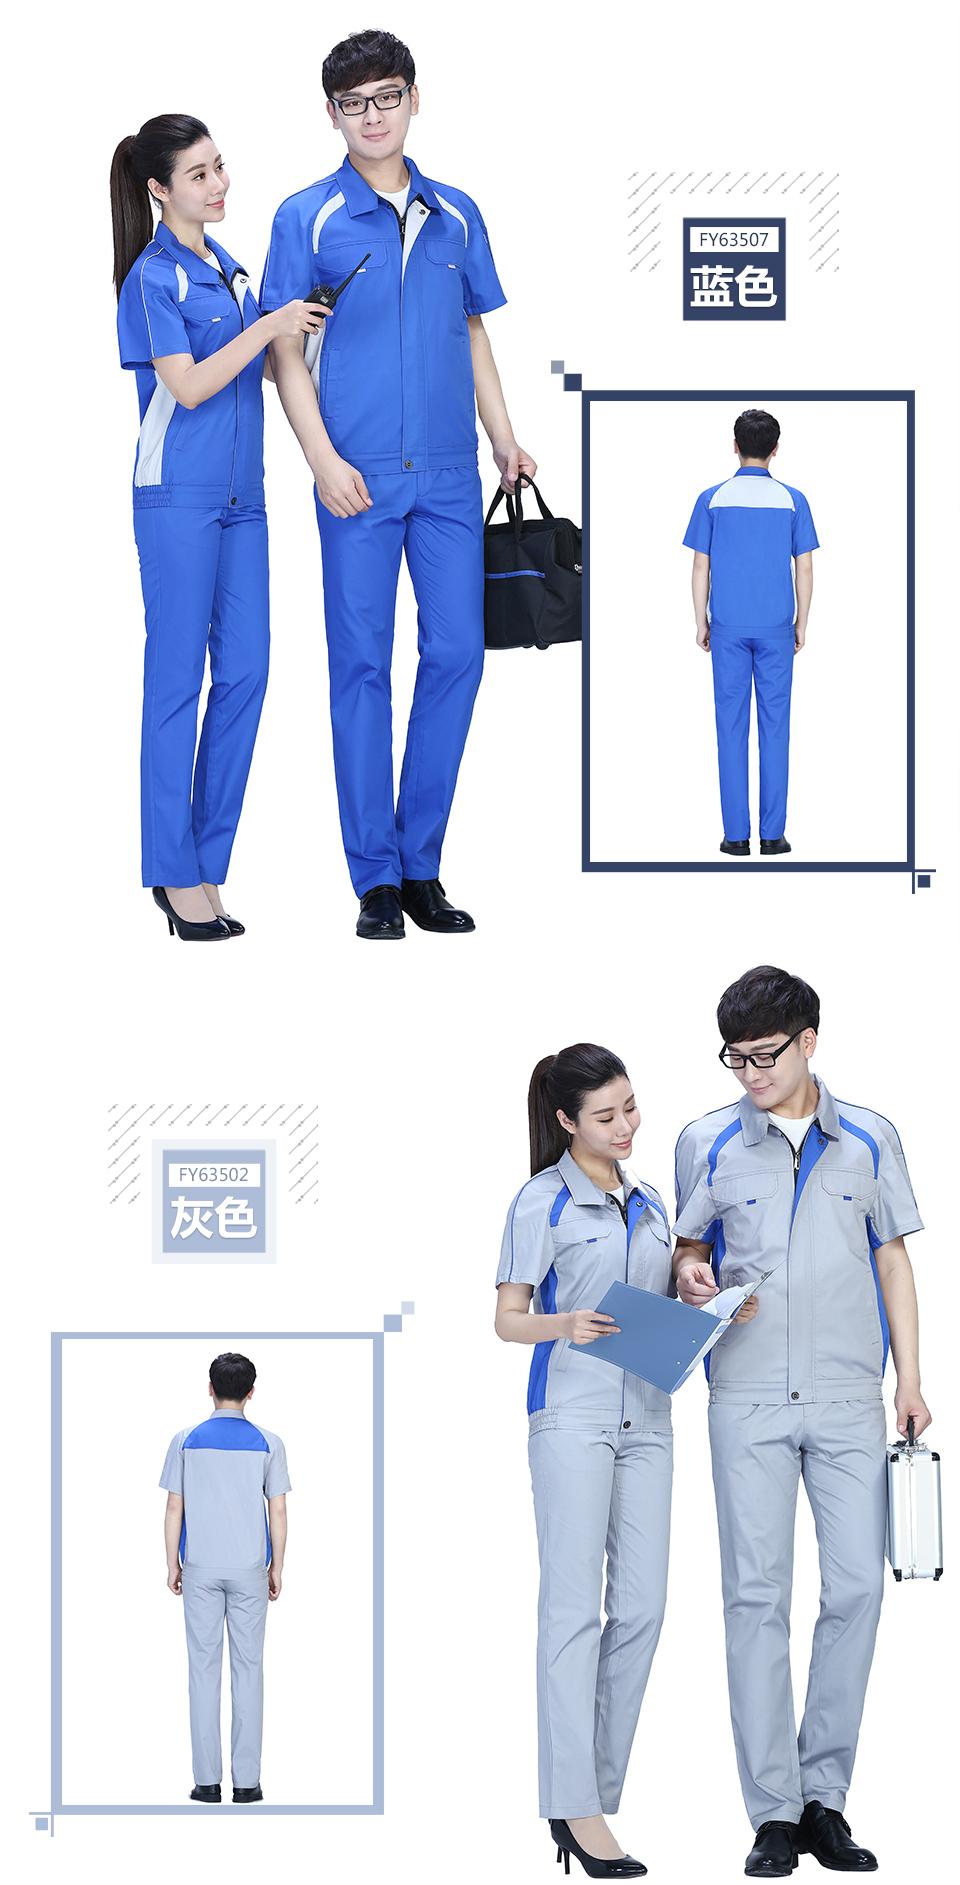 新款时尚配色夏季涤棉细纹短袖工作服FY635